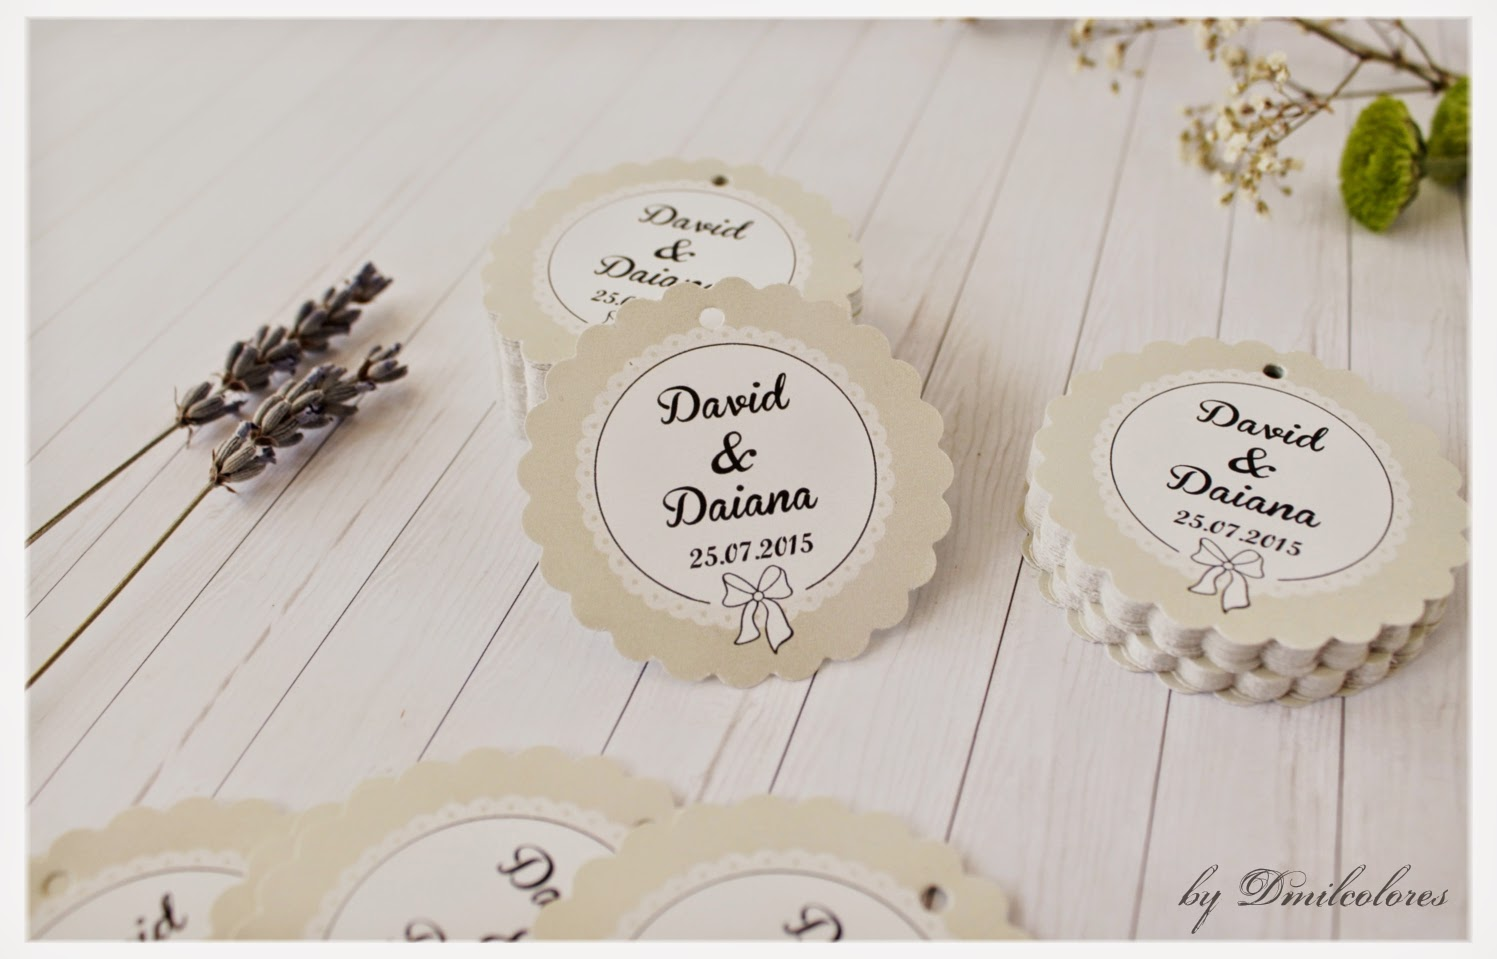 etiquetas de boda 2015